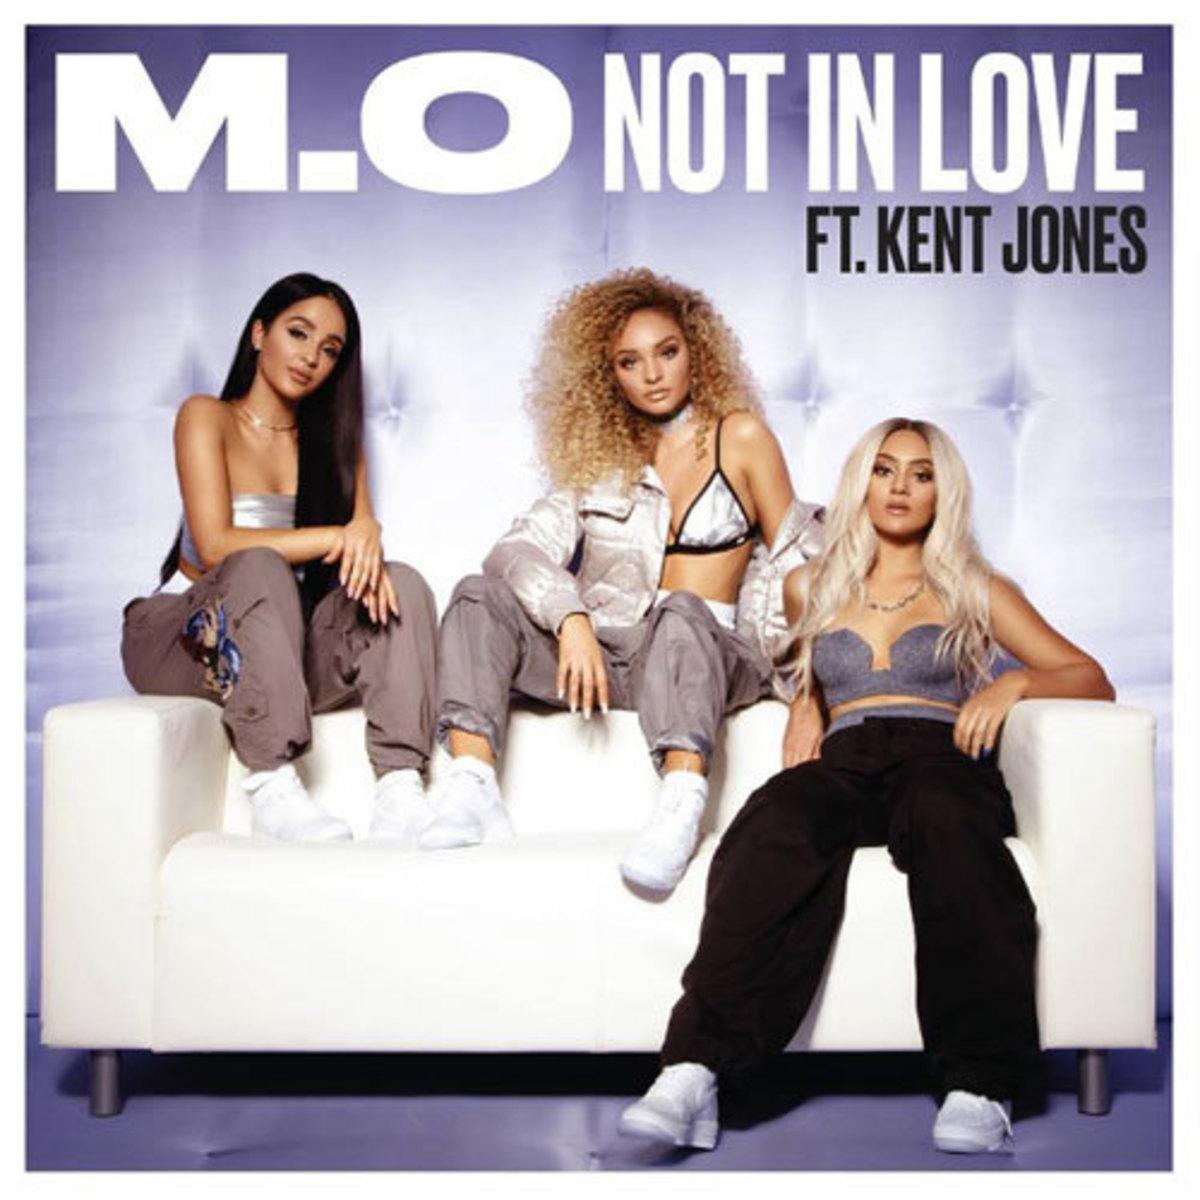 m-o-not-in-love.jpg